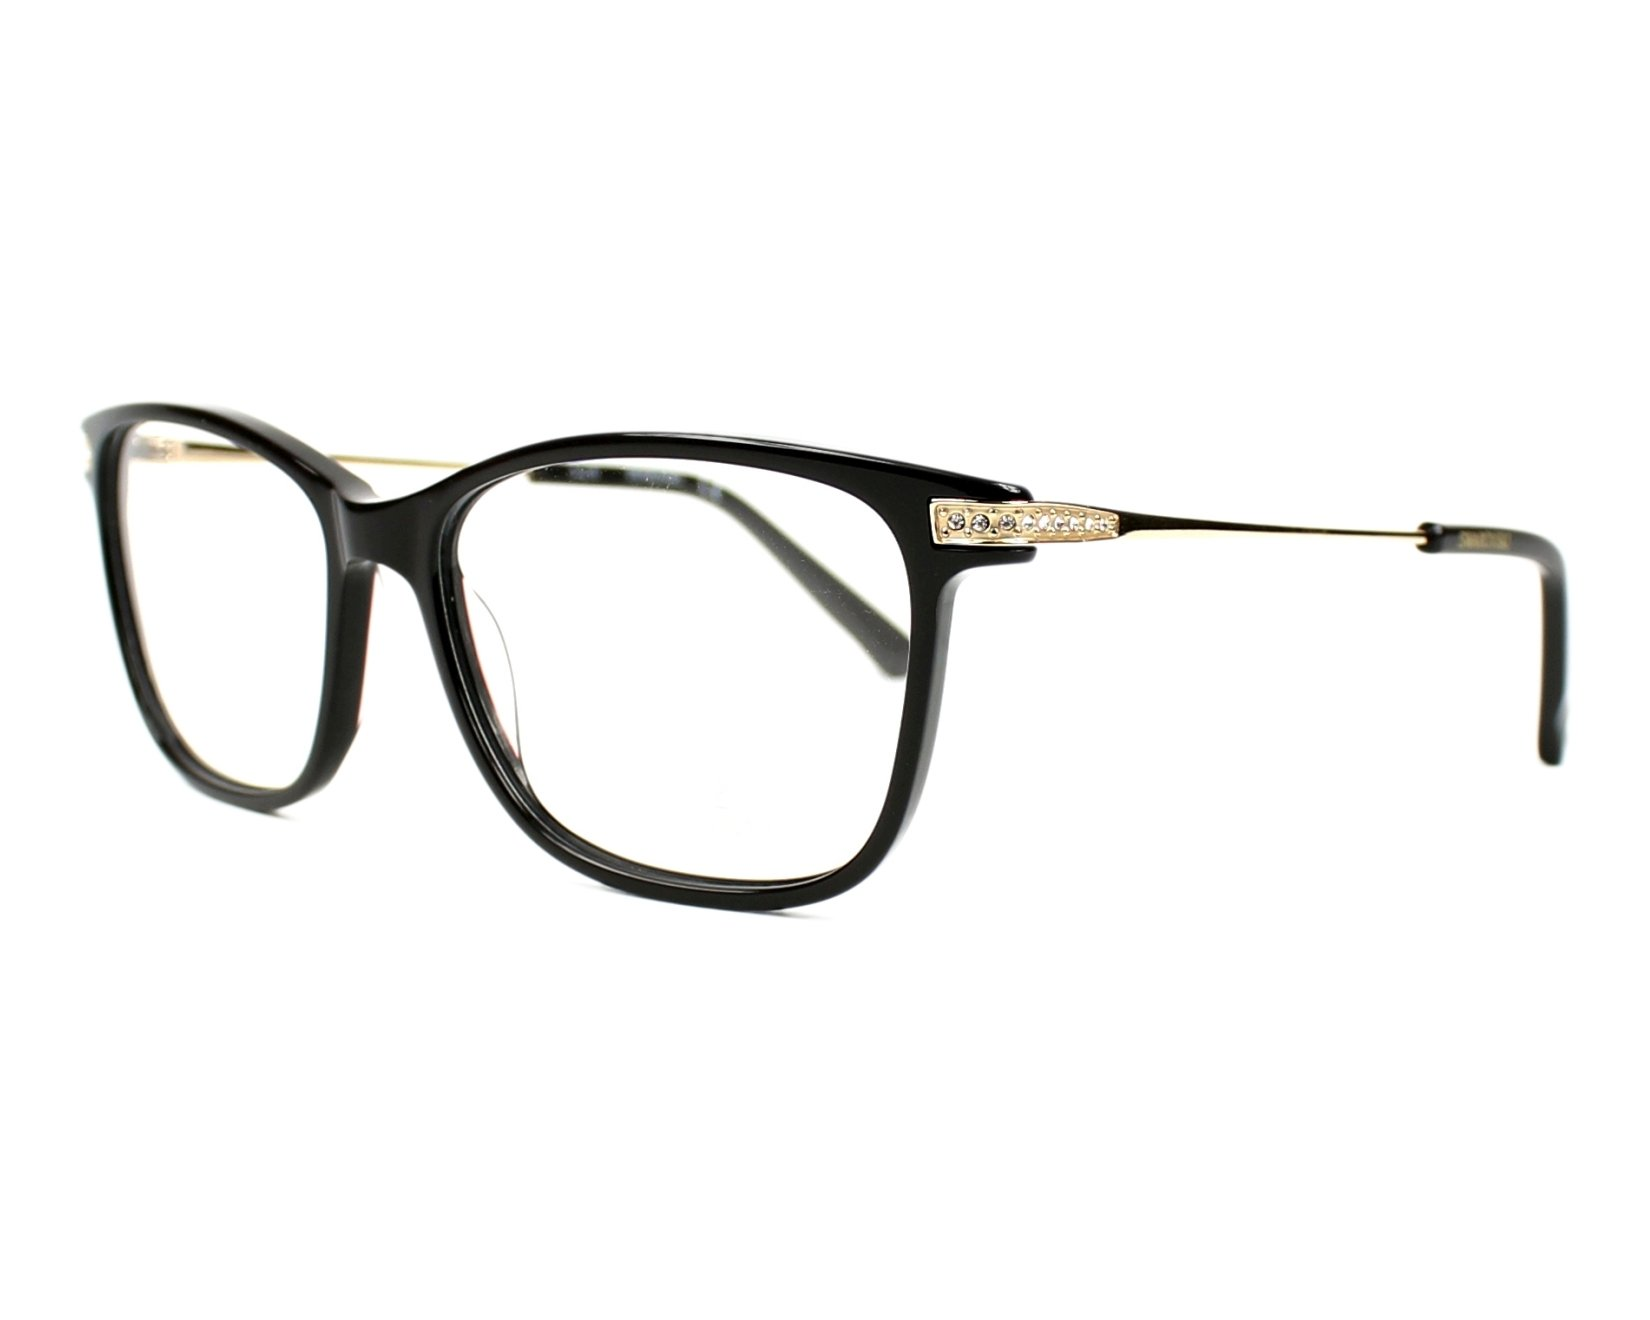 Swarovski Gafas SW-5180 - 048: Cómpralo ahora en línea en Visionet